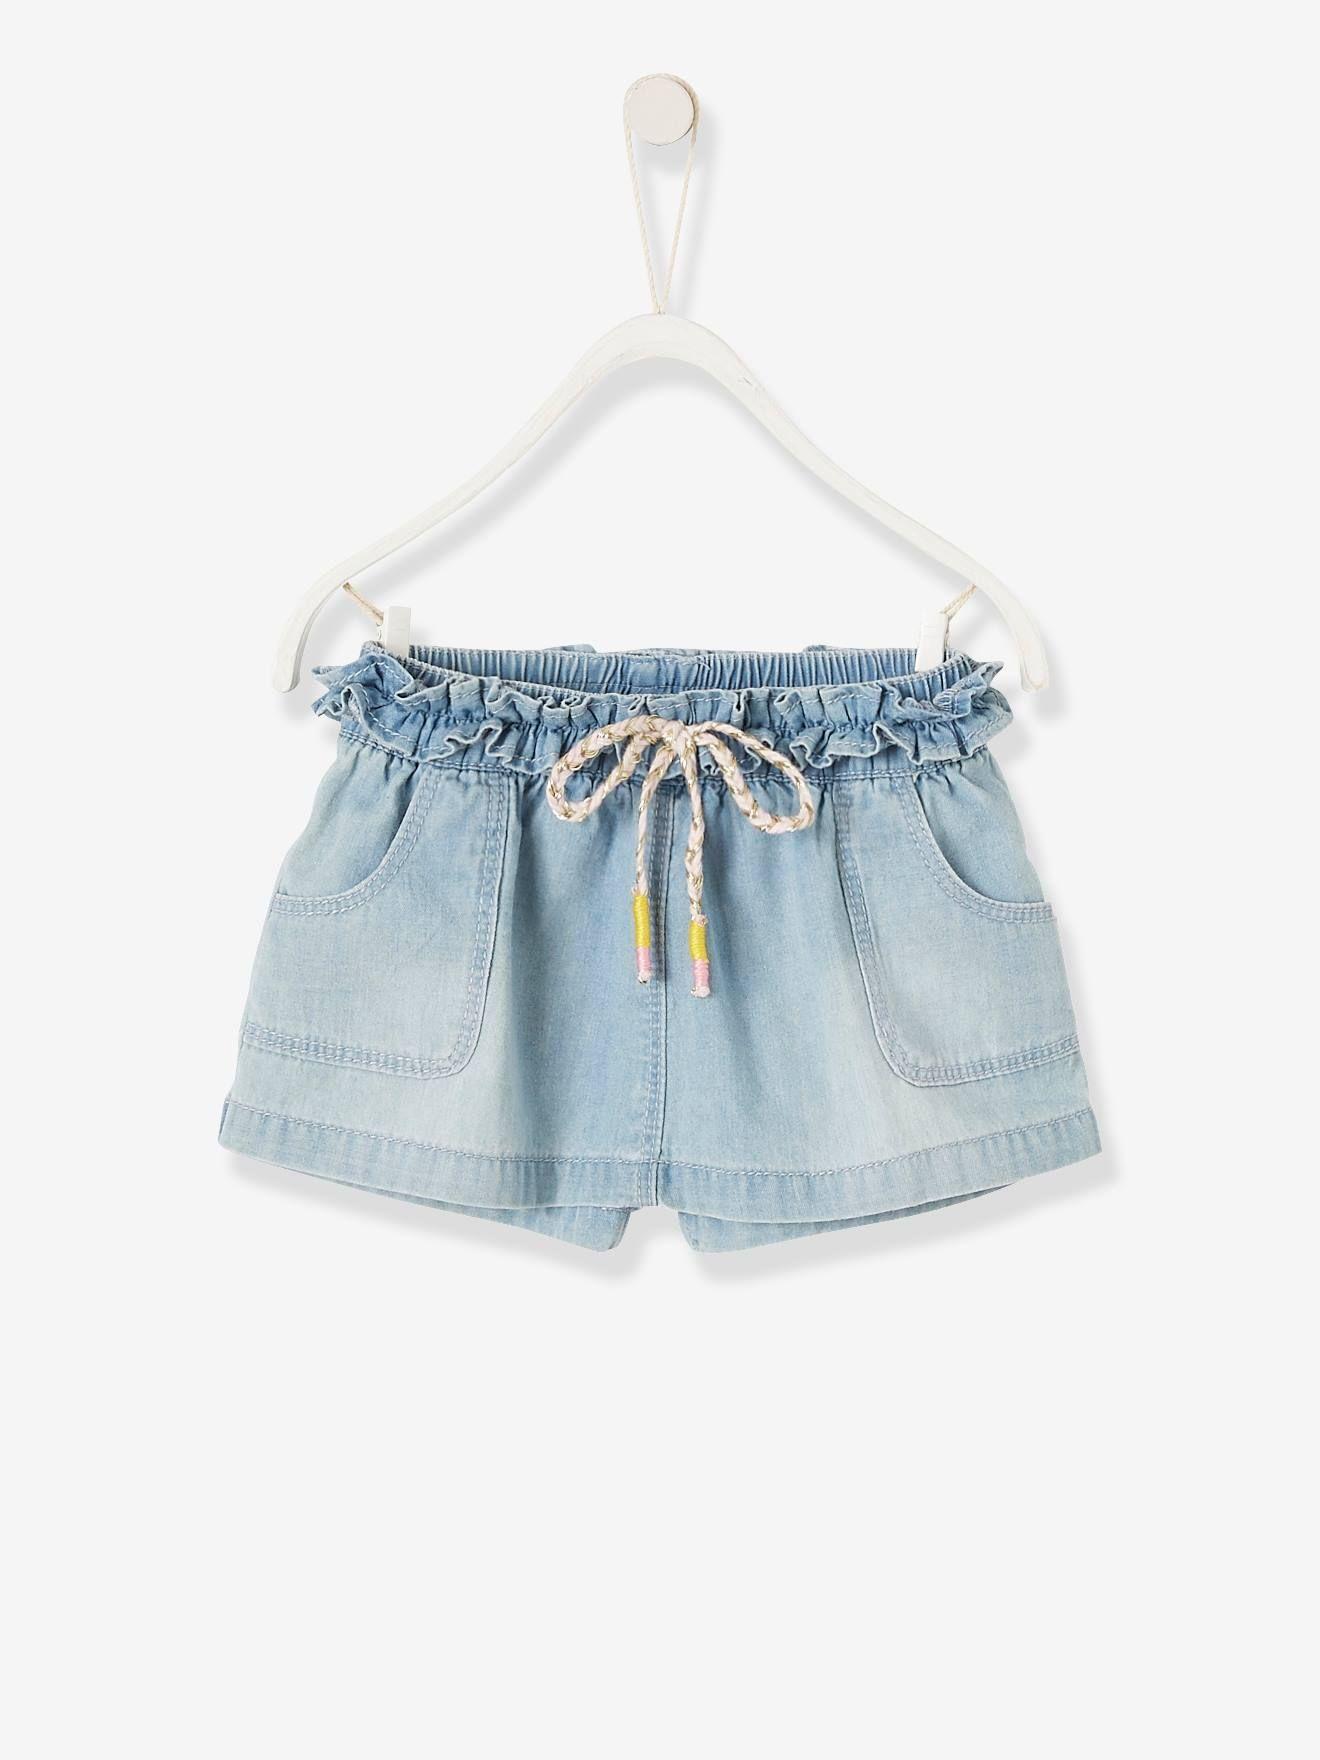 Jupe-short bébé fille en jean délavé denim bleached – Vertbaudet